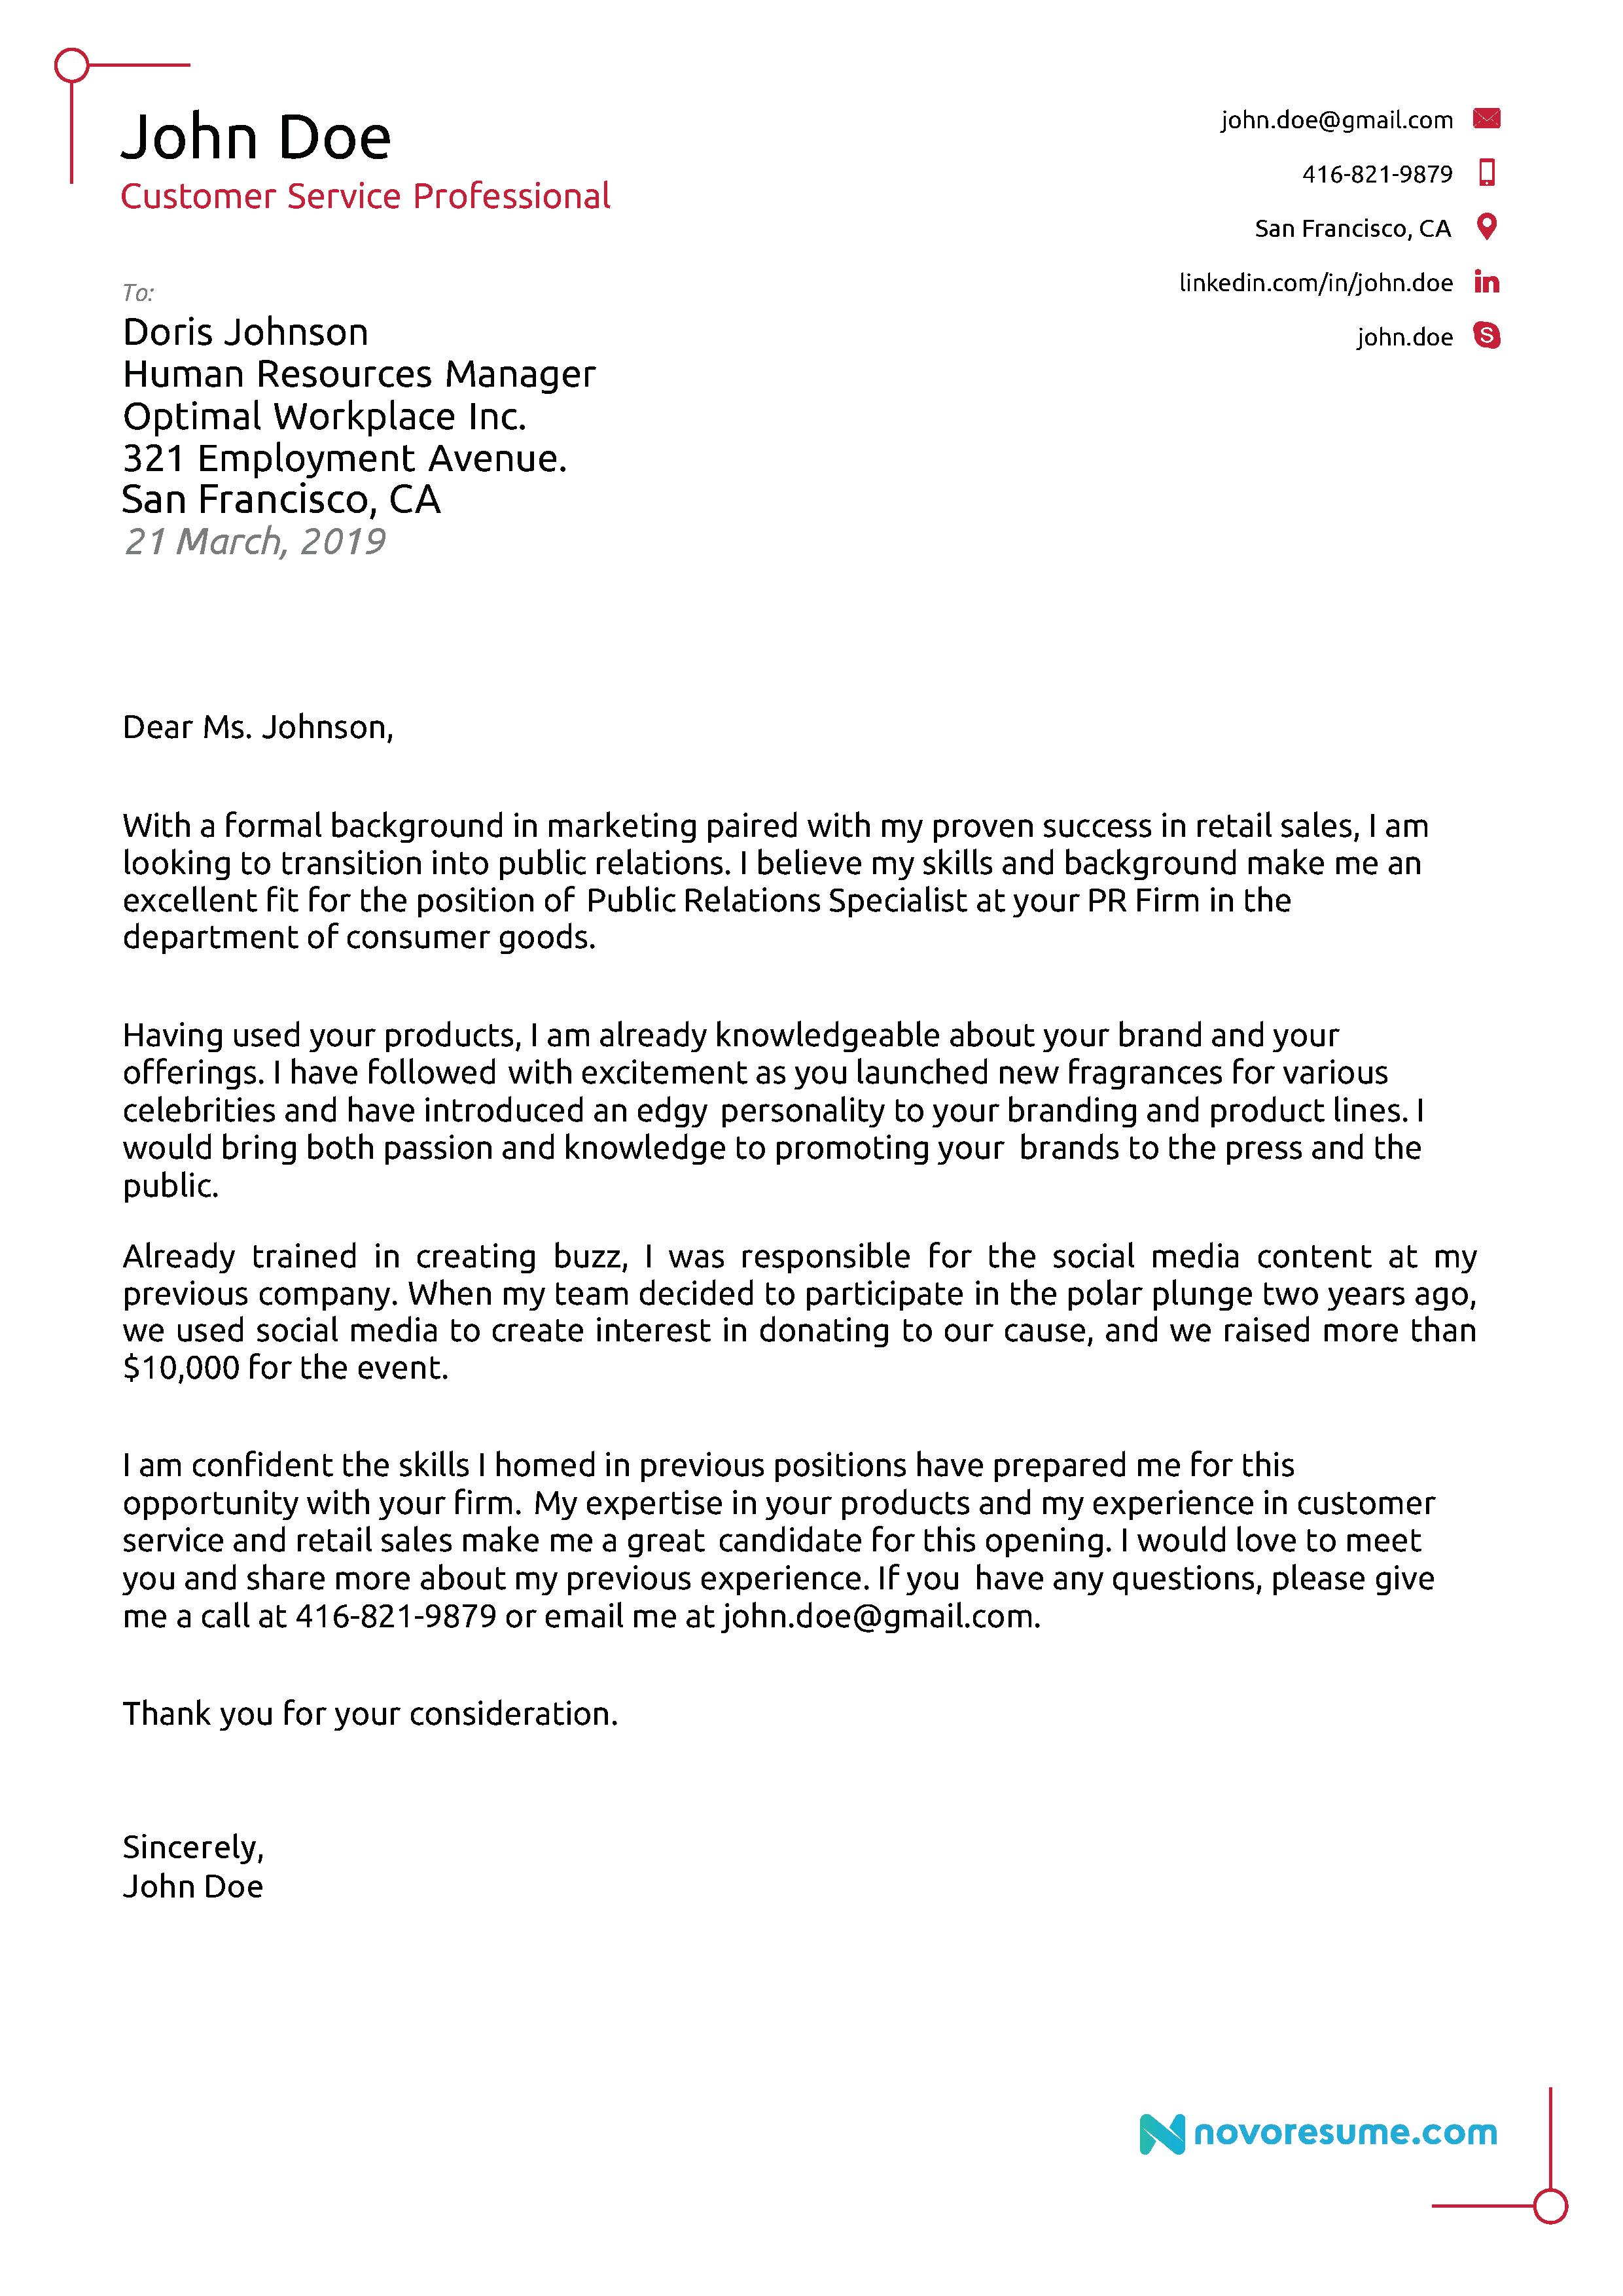 career change cover letter sample